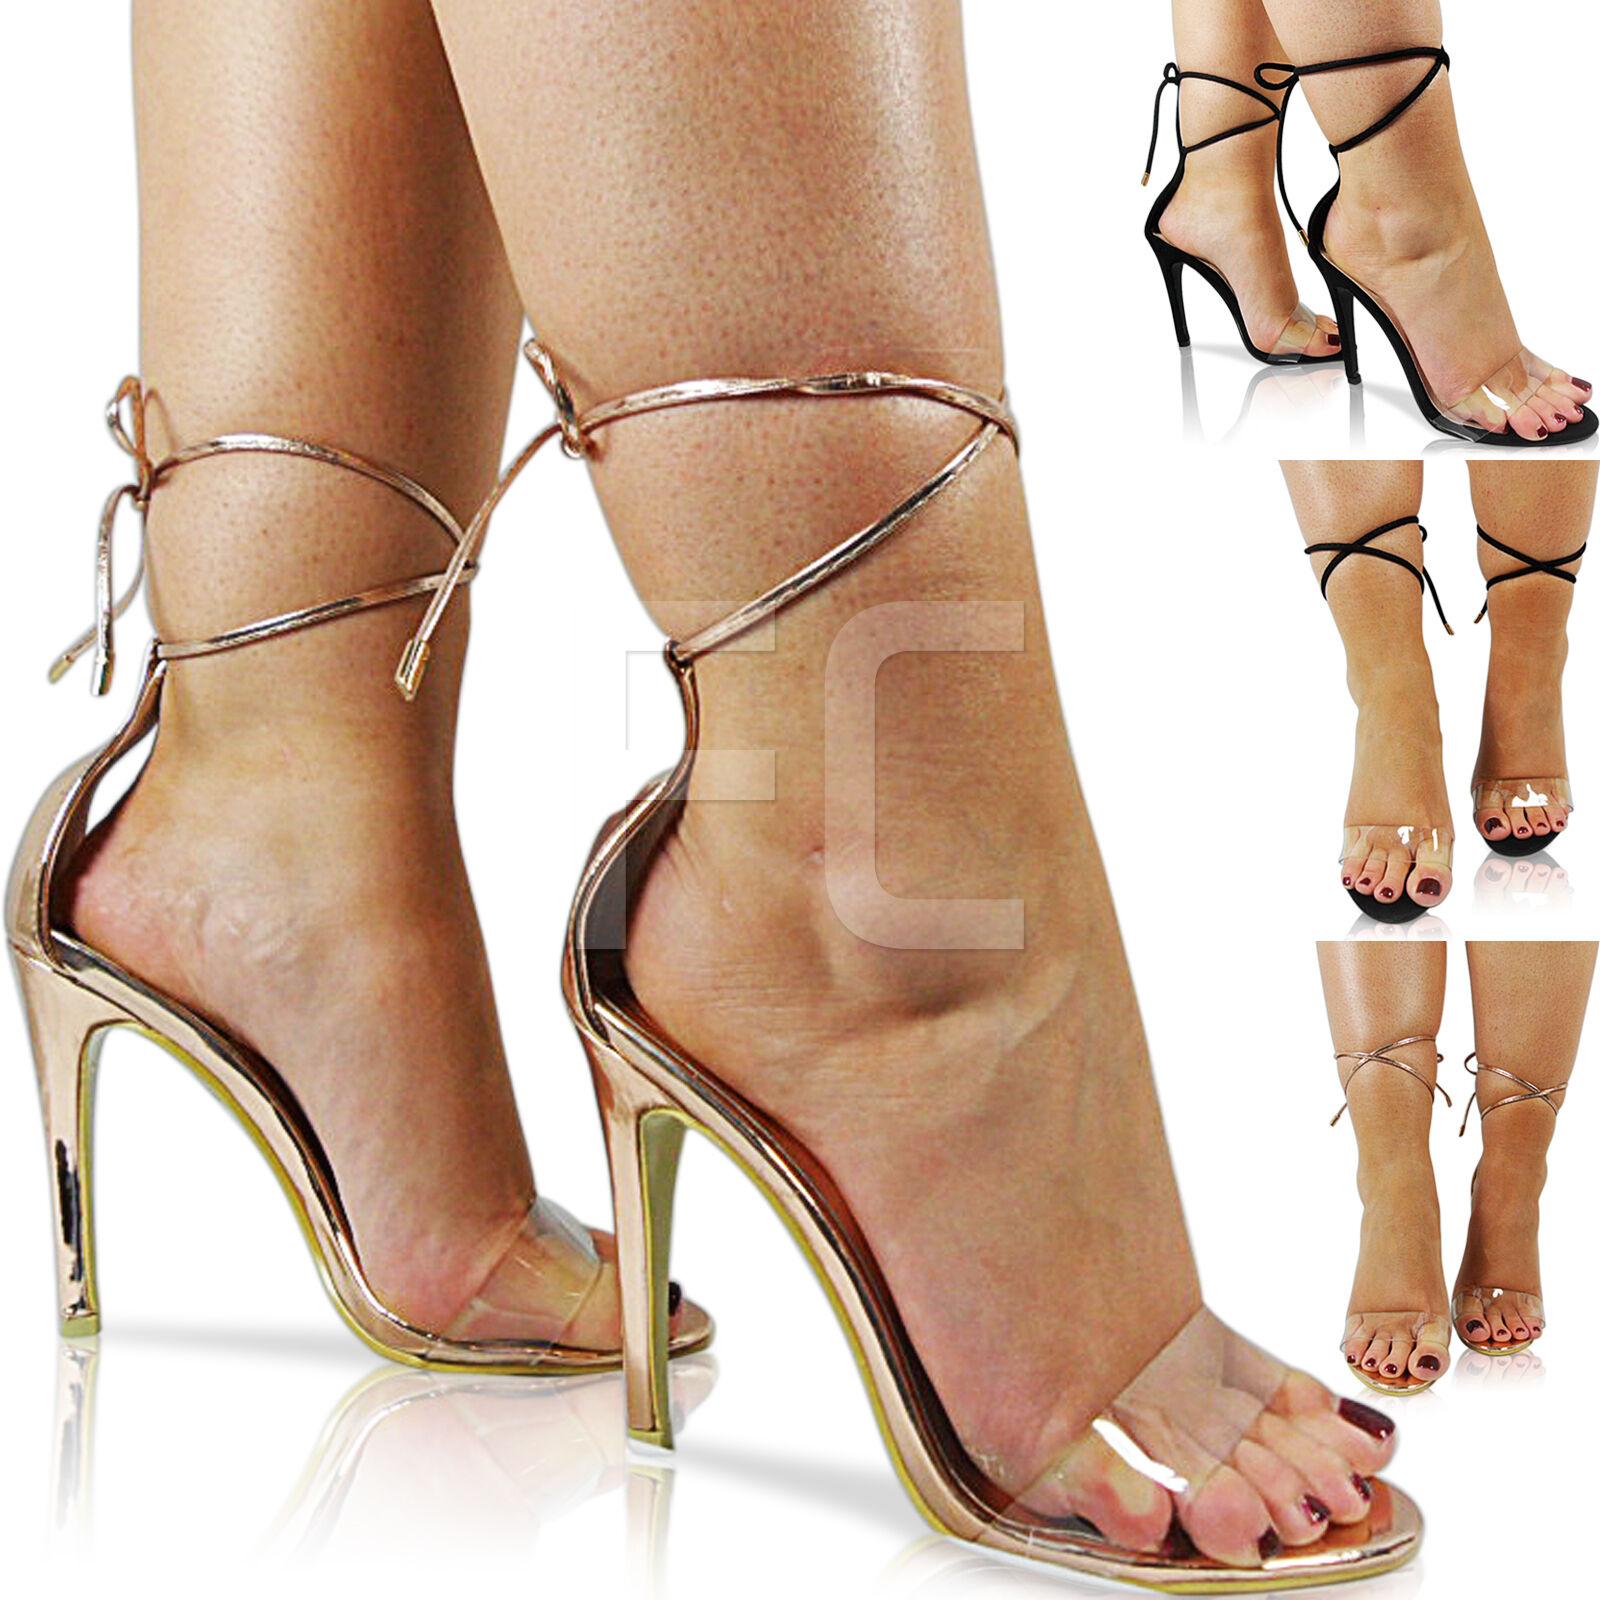 NUOVA linea donna Tacco Alto Stiletto Punta Aperta Alla Caviglia Scarpe Perspex CHIARA Tie Sandalo Scarpe Caviglia Taglia a49a8e